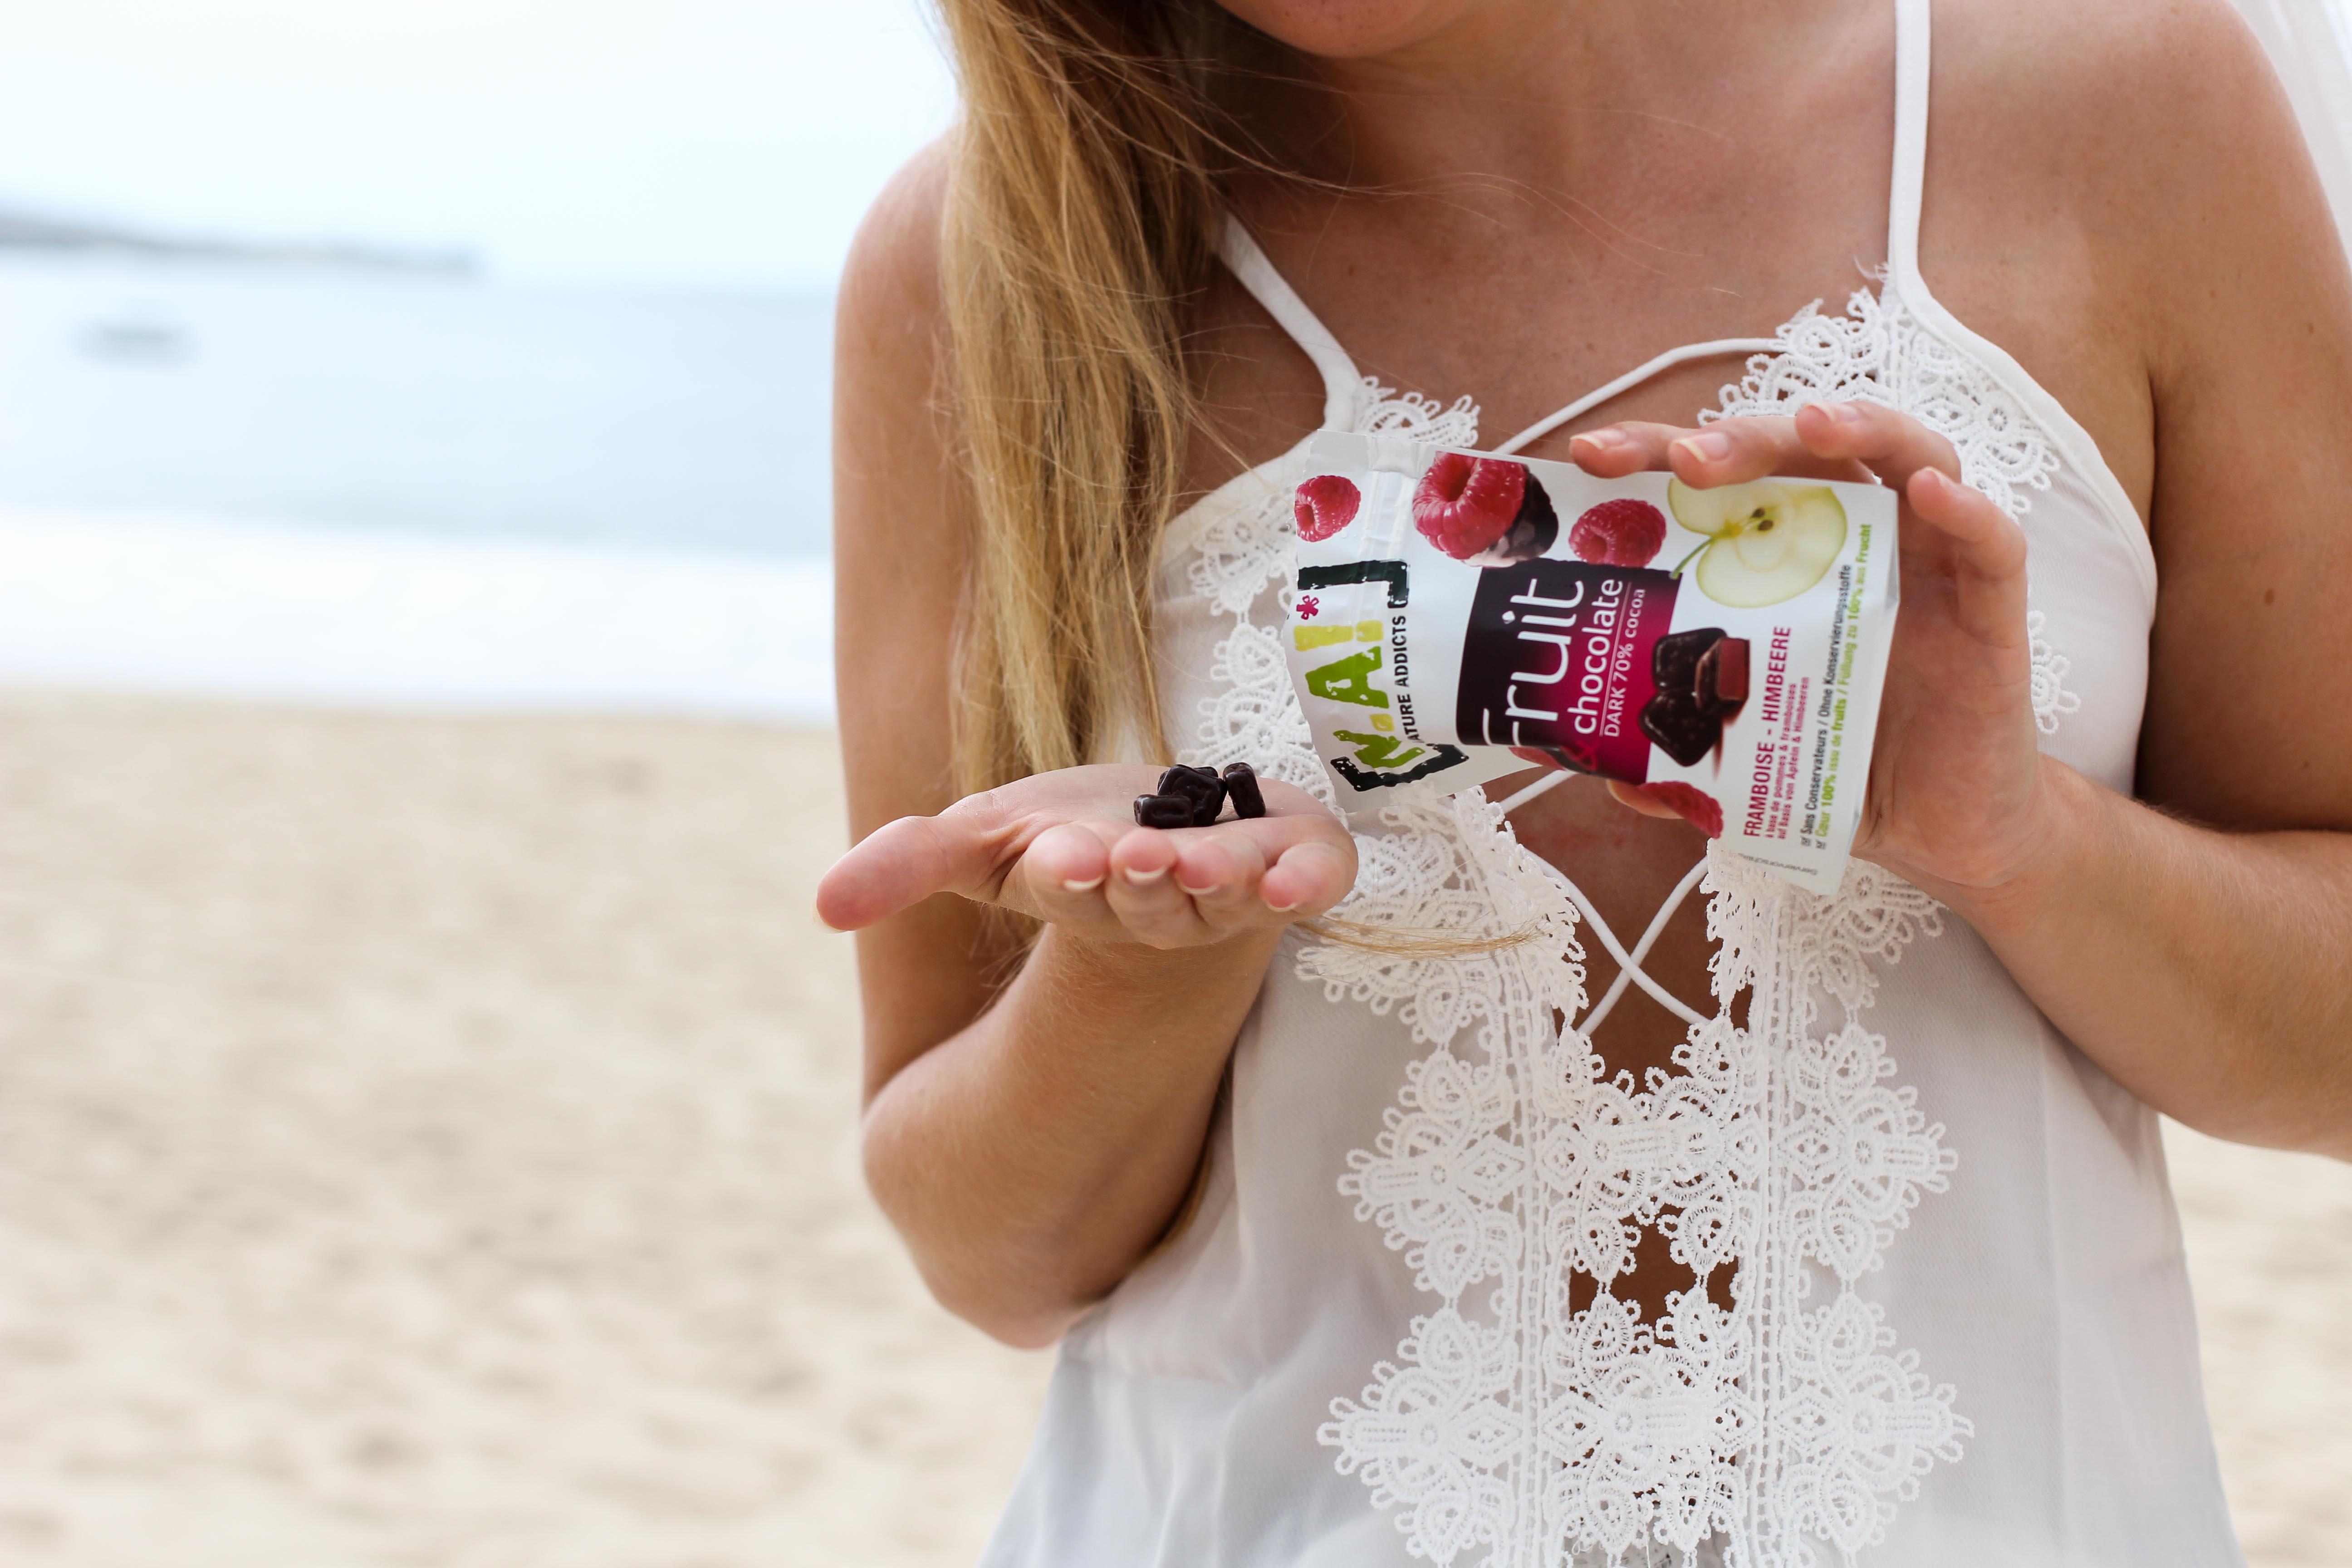 Nature Addicts N.A. Snacks Fruit Schokolade vegan glutenfrei ohne Zusatzstoffe Tipps fürs Handgepäck bei Flugreisen Reiseblog BrinisFashionBook 2